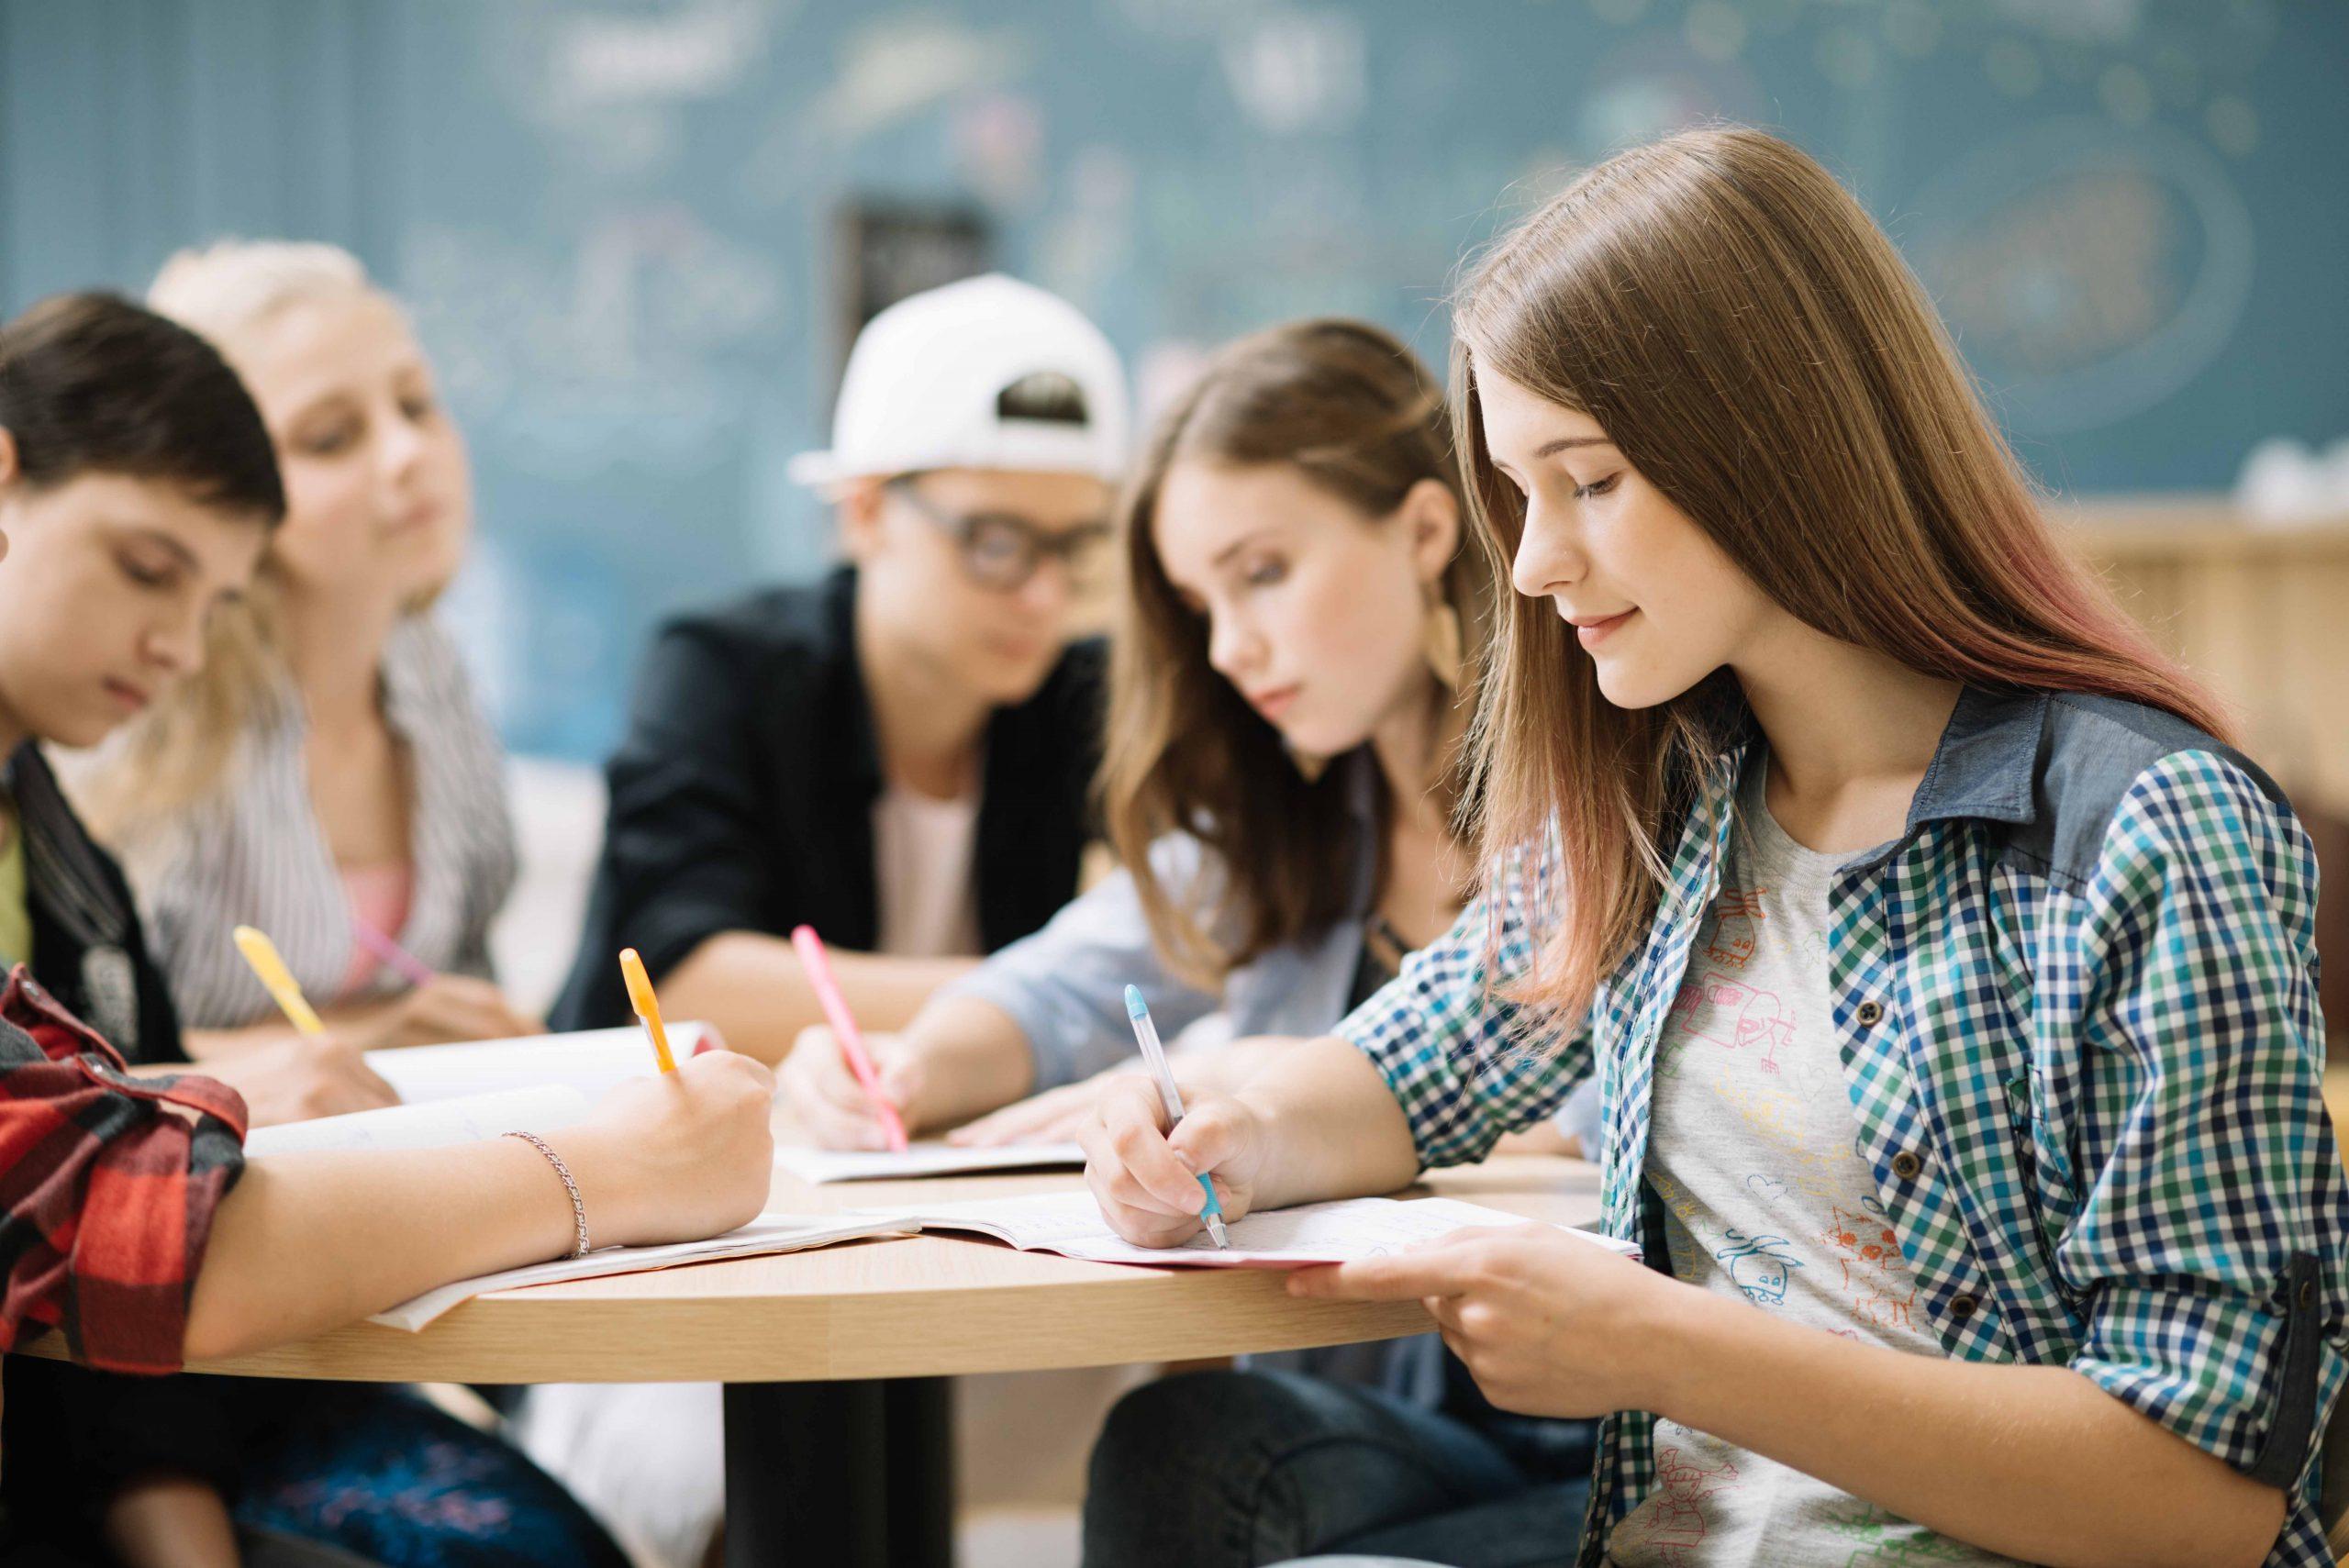 El 48 % de los adolescentes afirma que migraría si hubiese nacido en un país con menos oportunidades que España